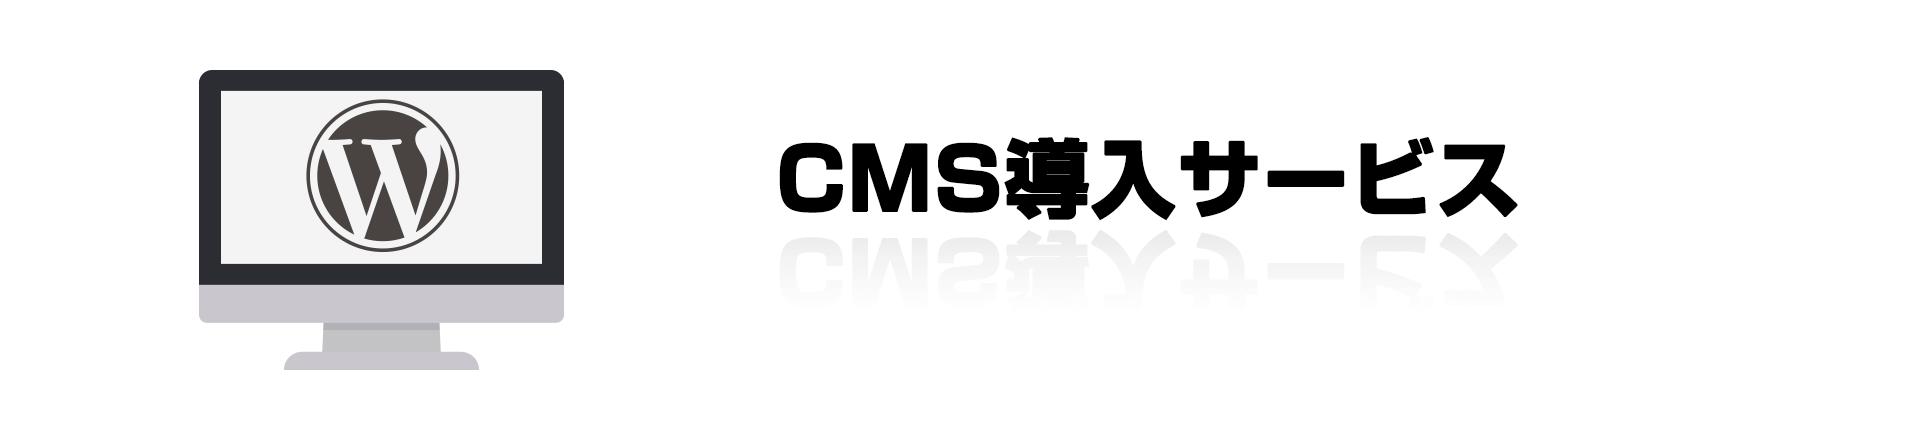 CMS導入サービス画像